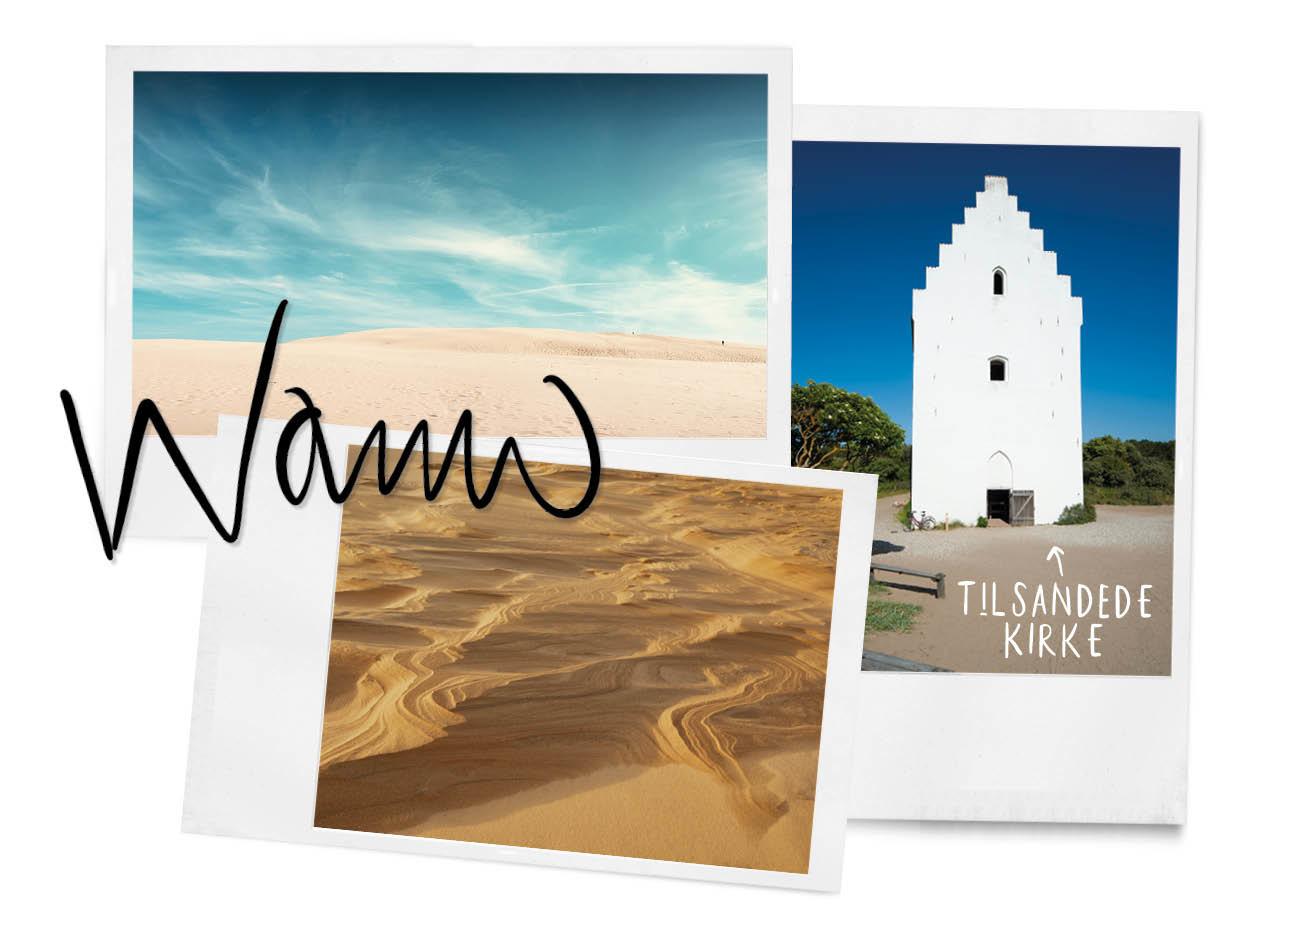 Nyhavn woestijn zand witte oude kerk